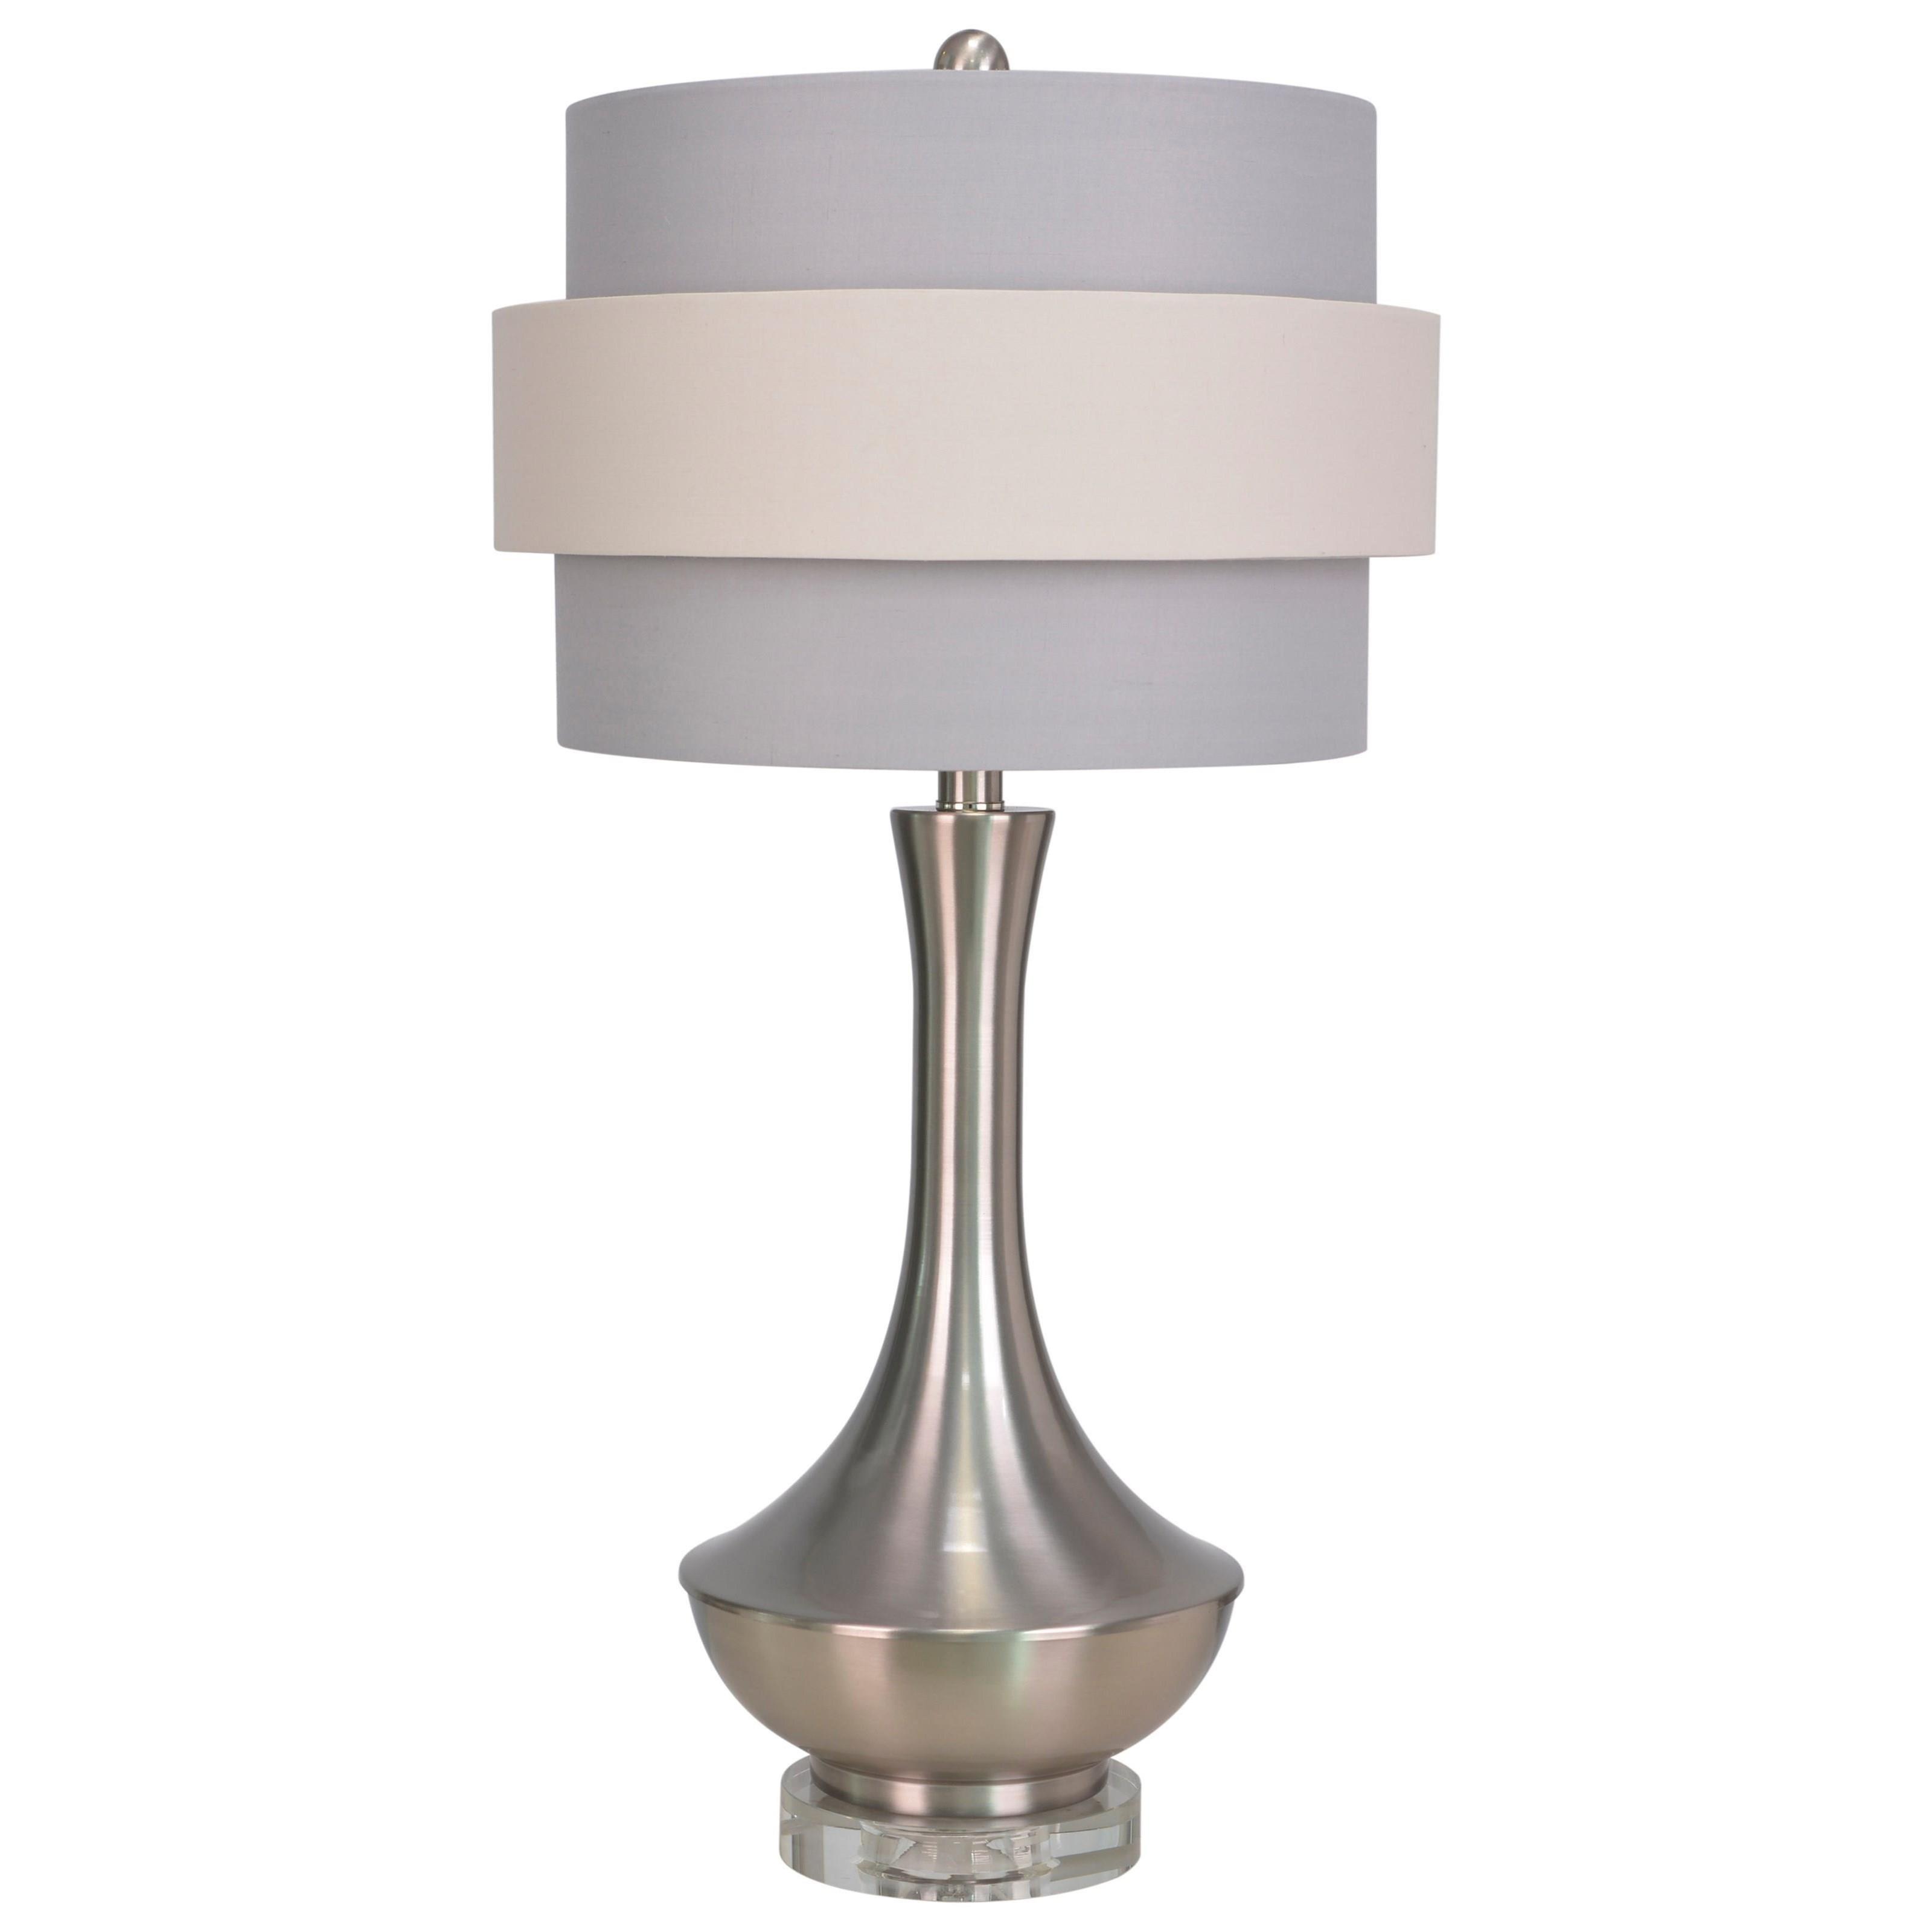 Wonderful Lamps Per Se Lamps Metal Table Lamp